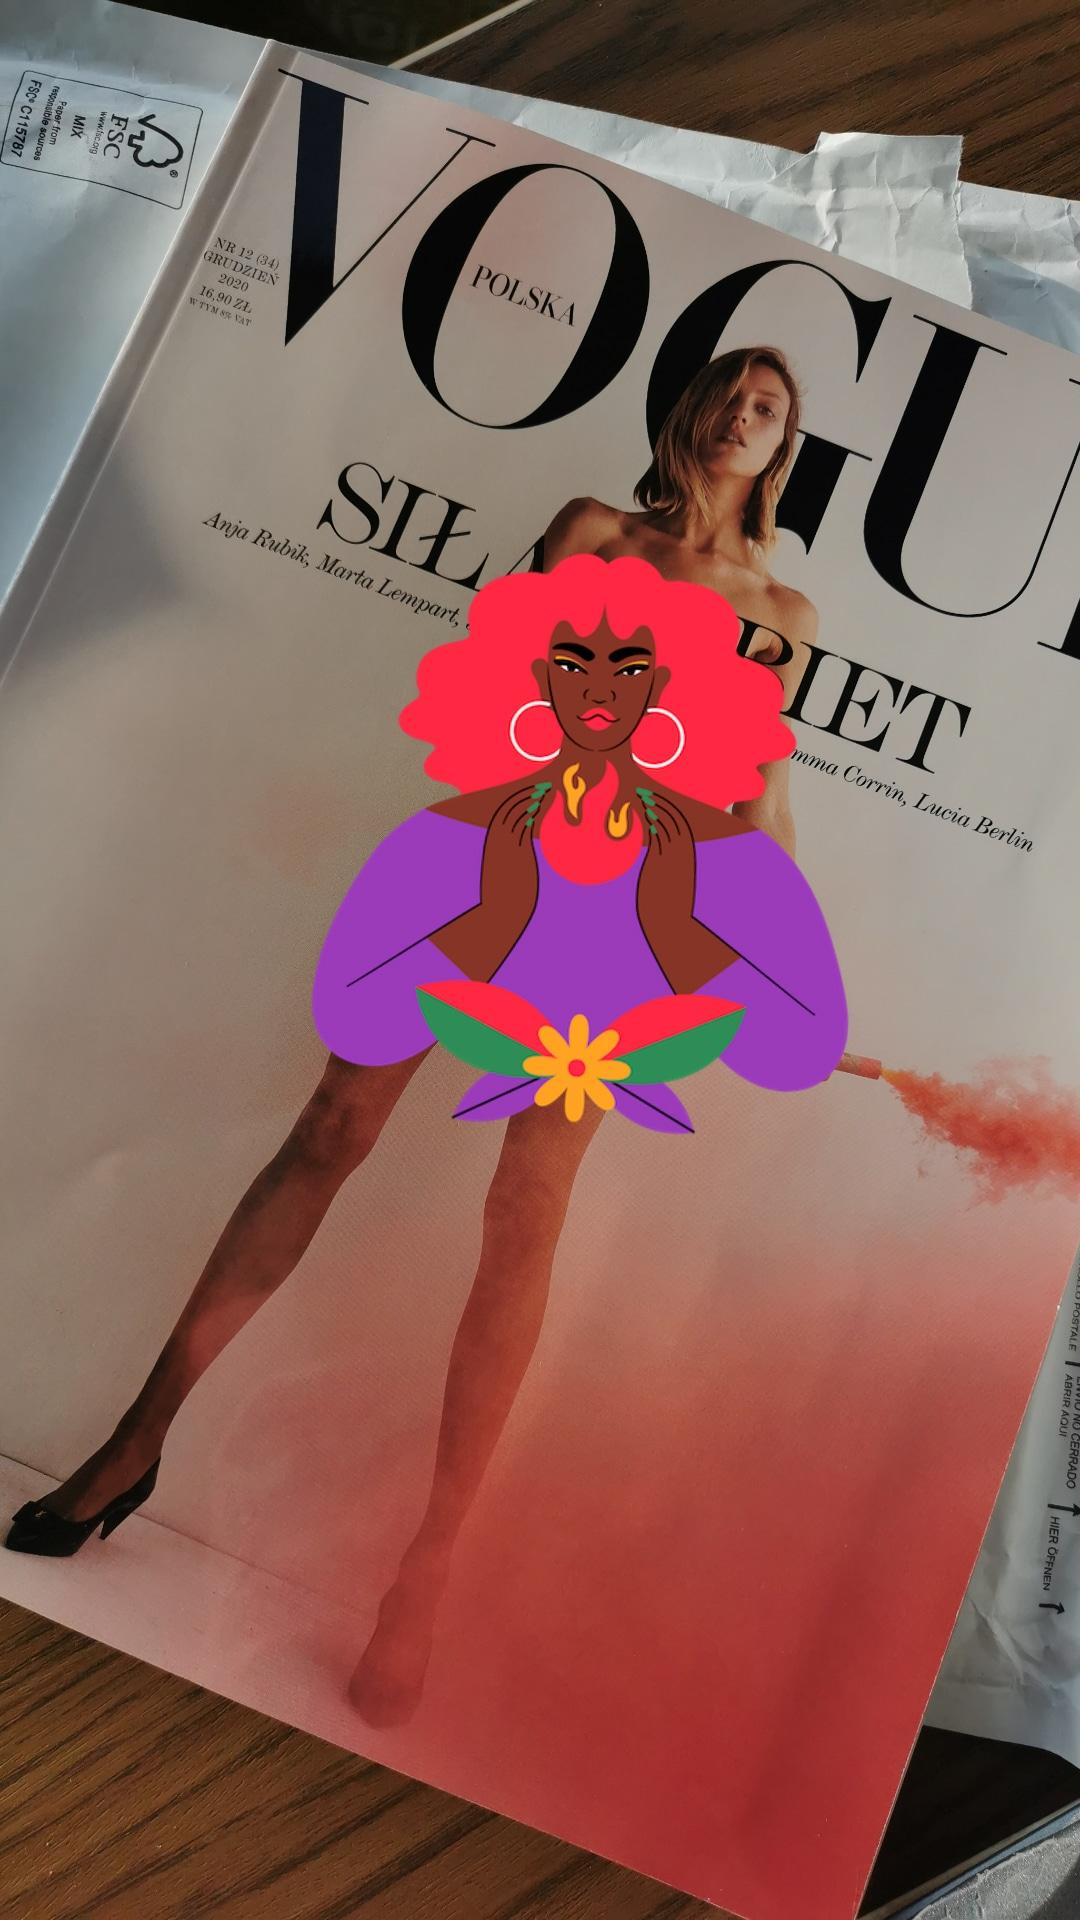 Vogue Polska – toniejest czas naerotyzm!